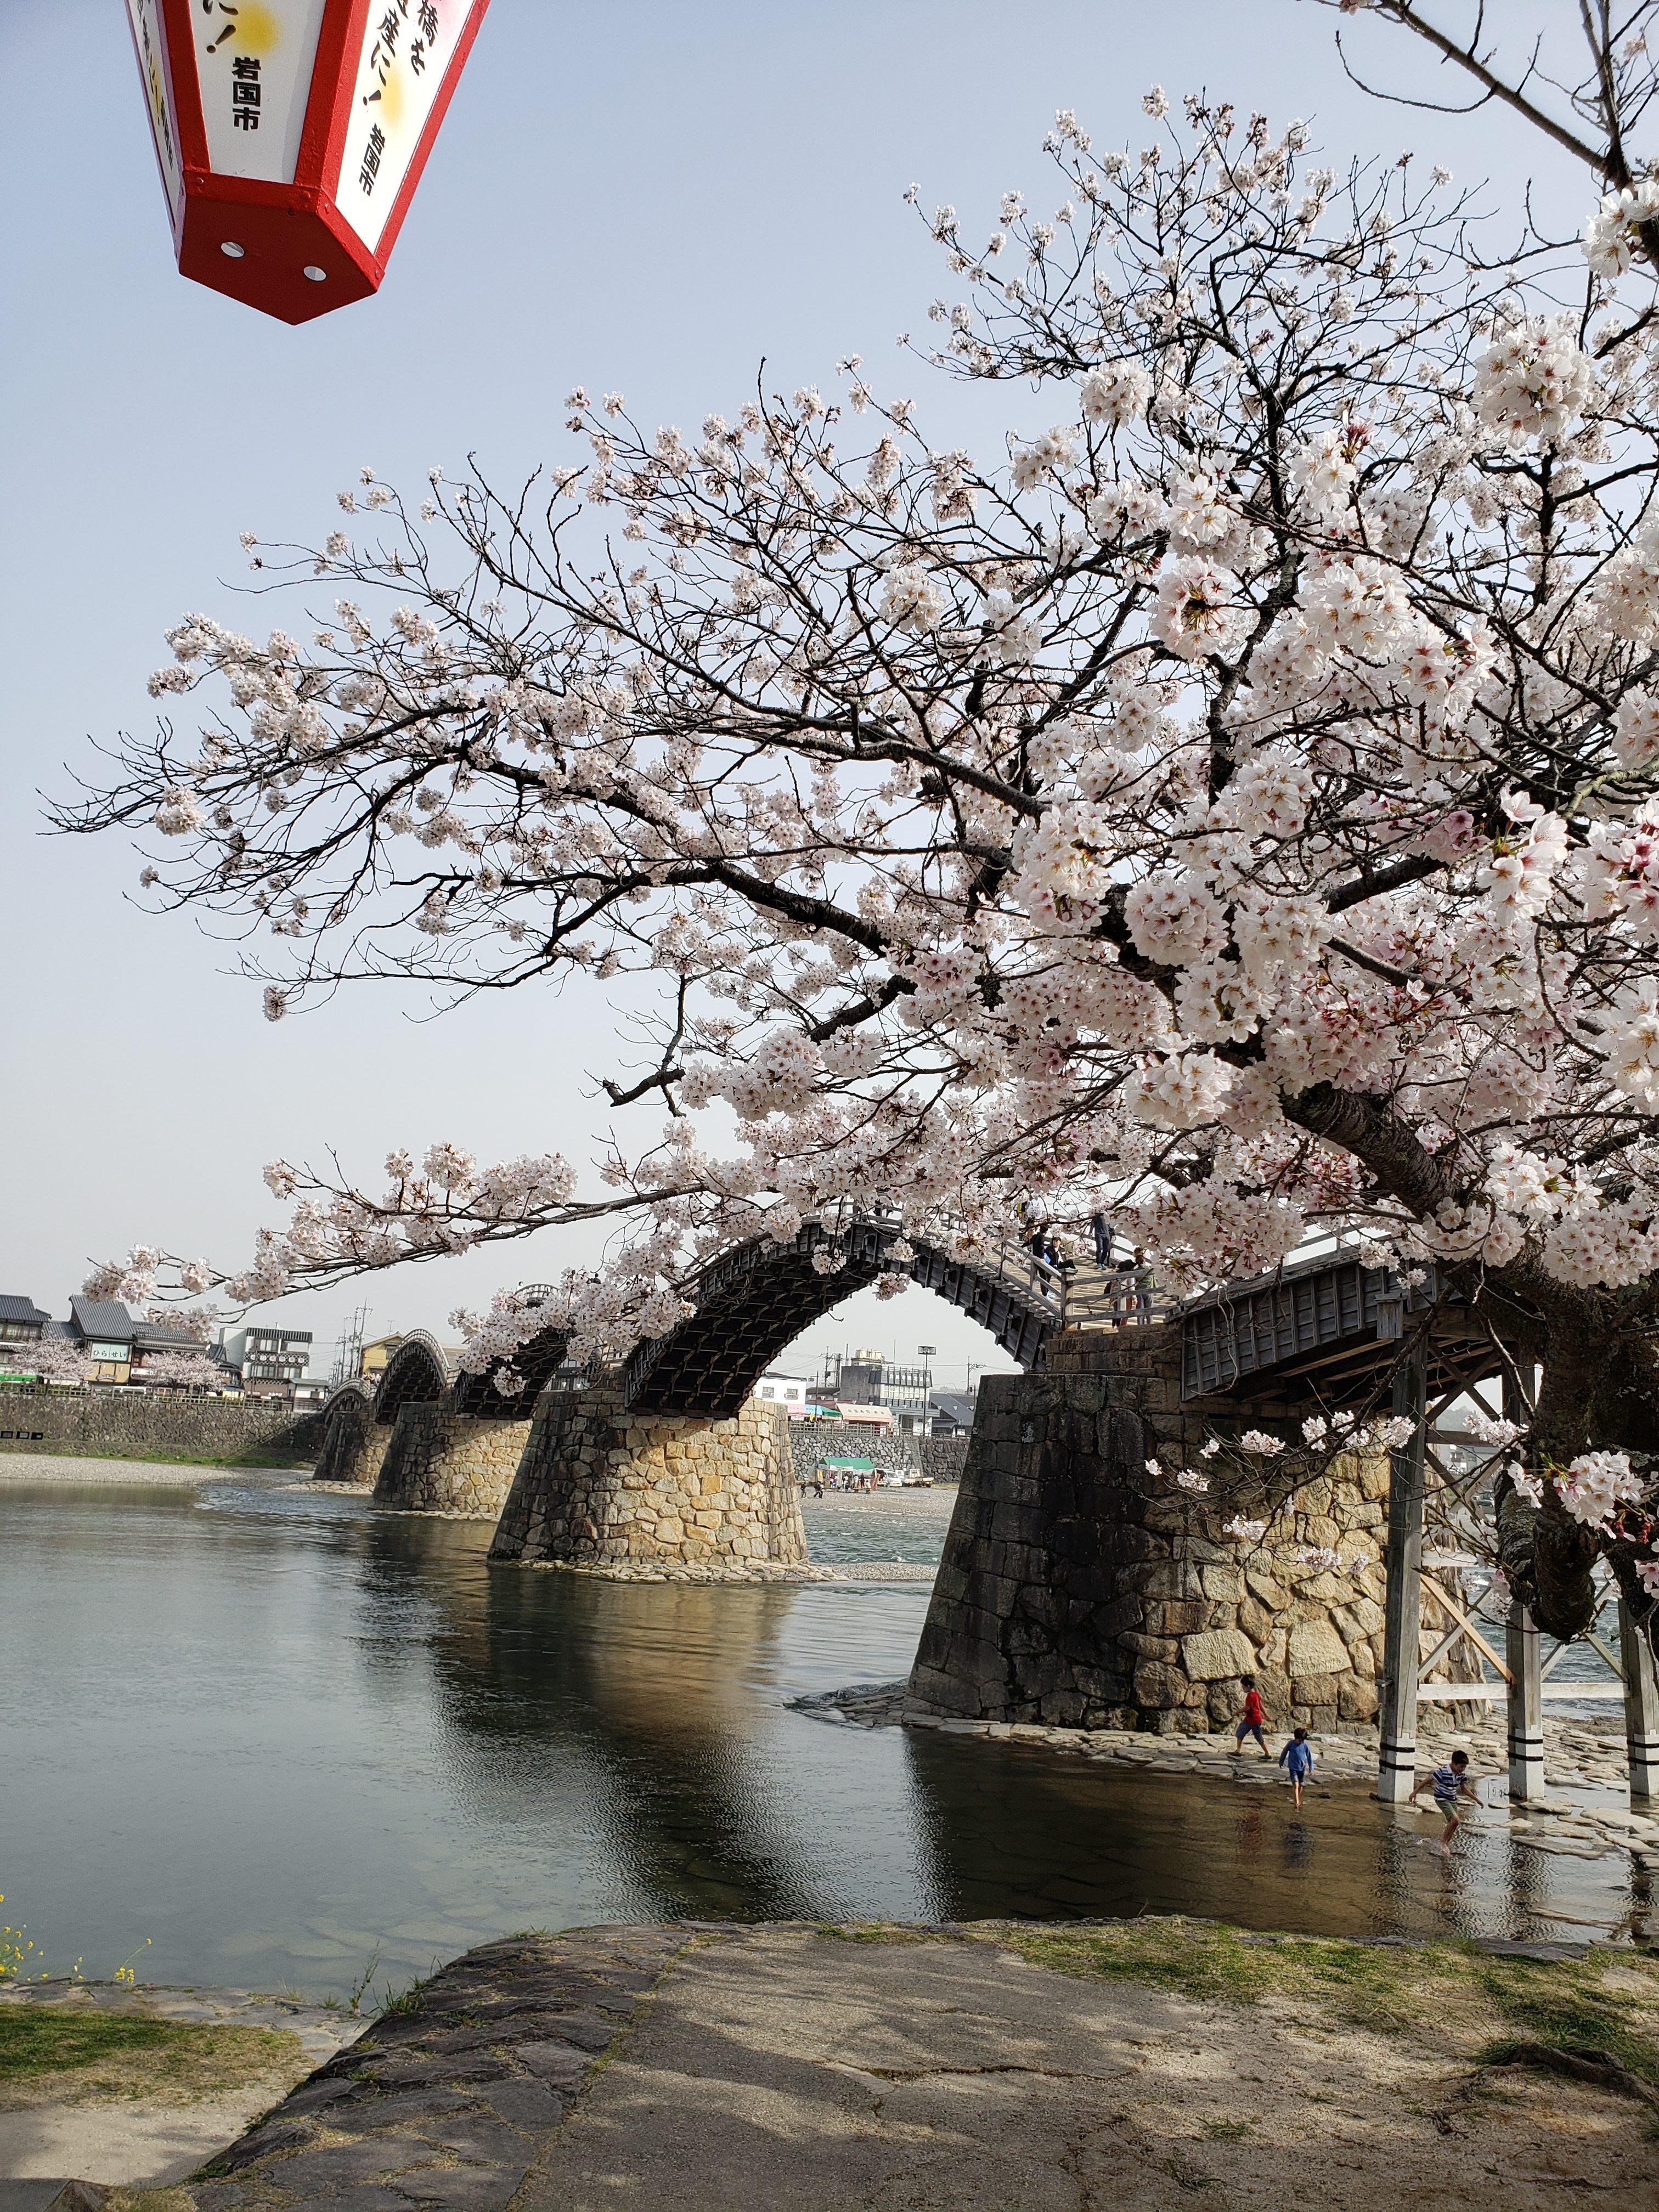 錦帯橋 桜 ギャラリーパティオの現場ブログ メイン写真